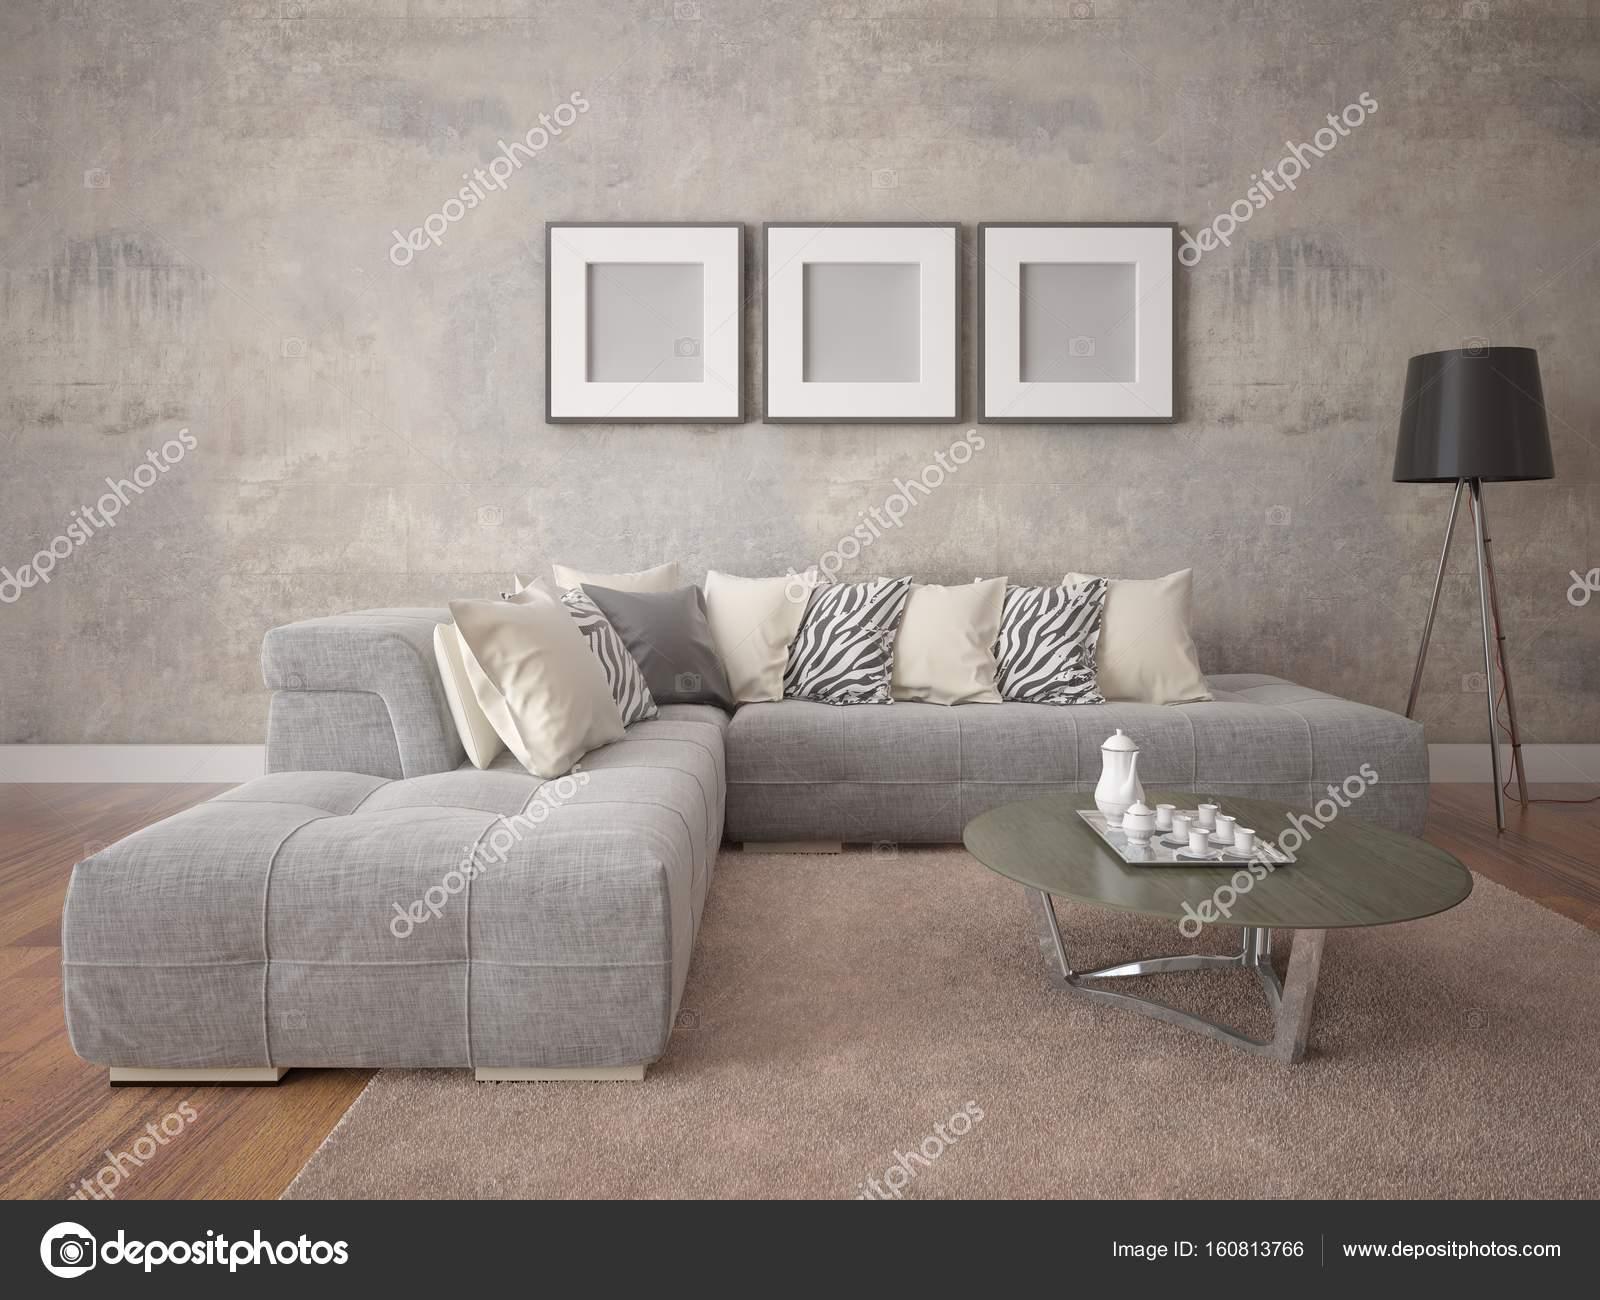 https://st3.depositphotos.com/5028327/16081/i/1600/depositphotos_160813766-stockafbeelding-bespotten-van-een-stijlvolle-woonkamer.jpg